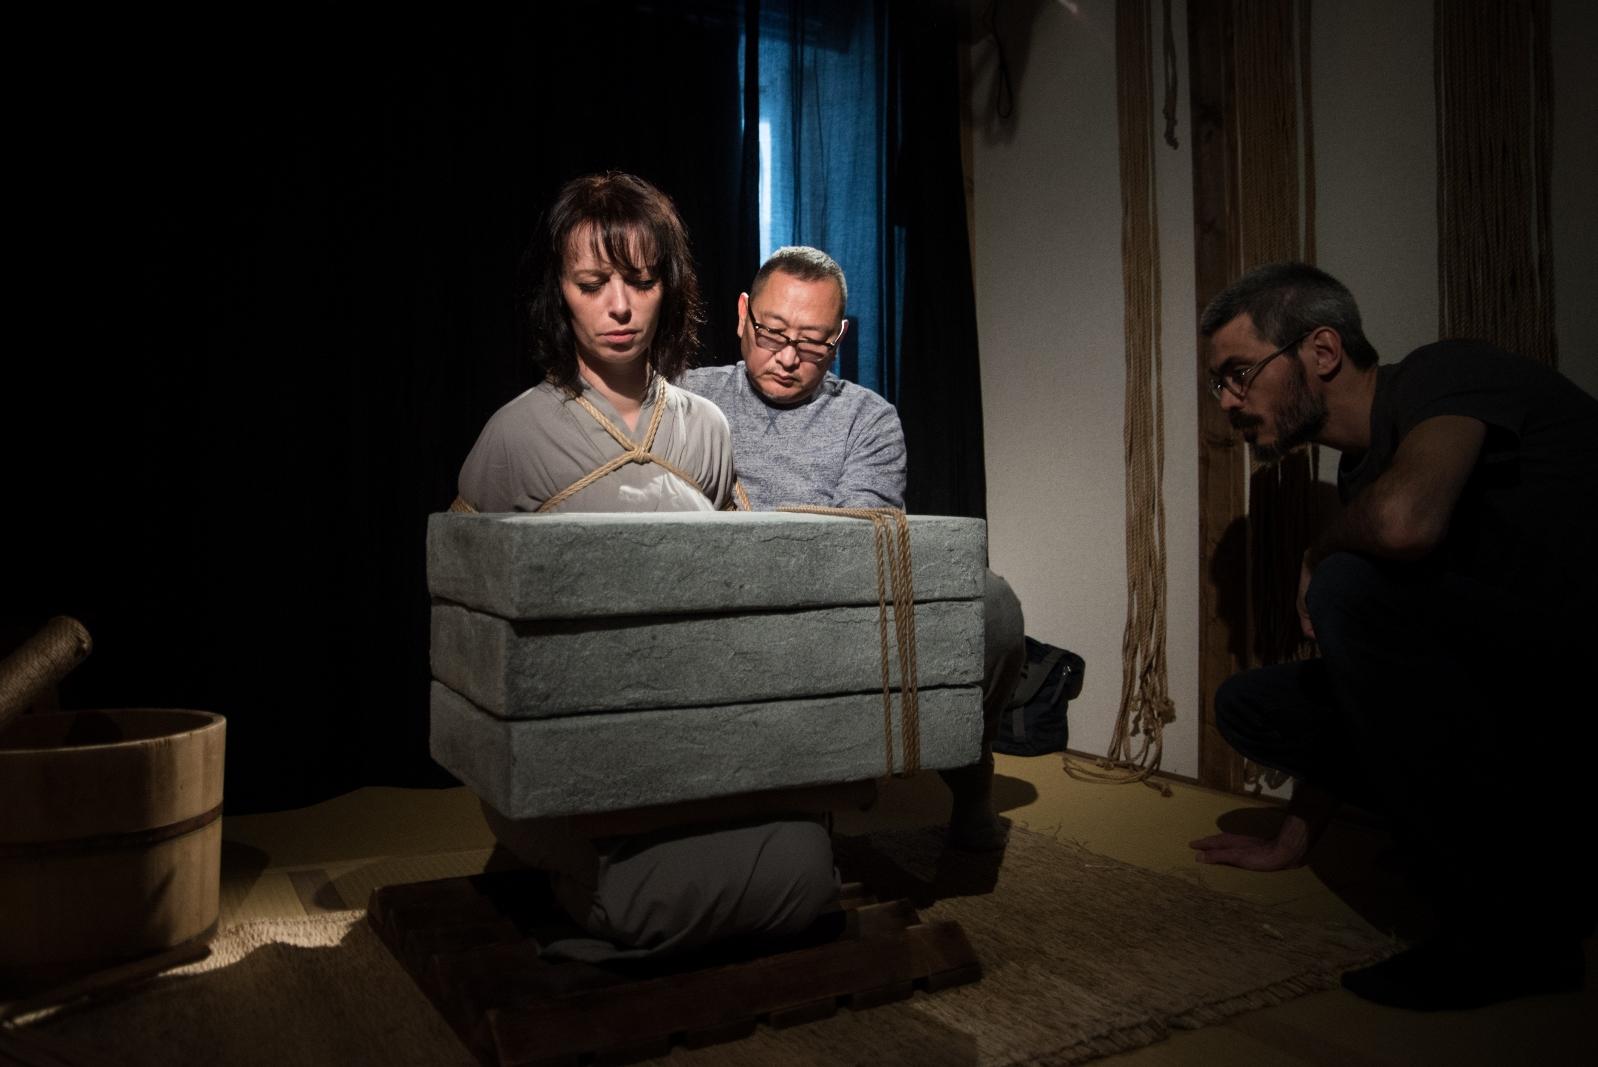 Ishidaki avec Naka Akira et Ropesession photo Erisa Sato 07